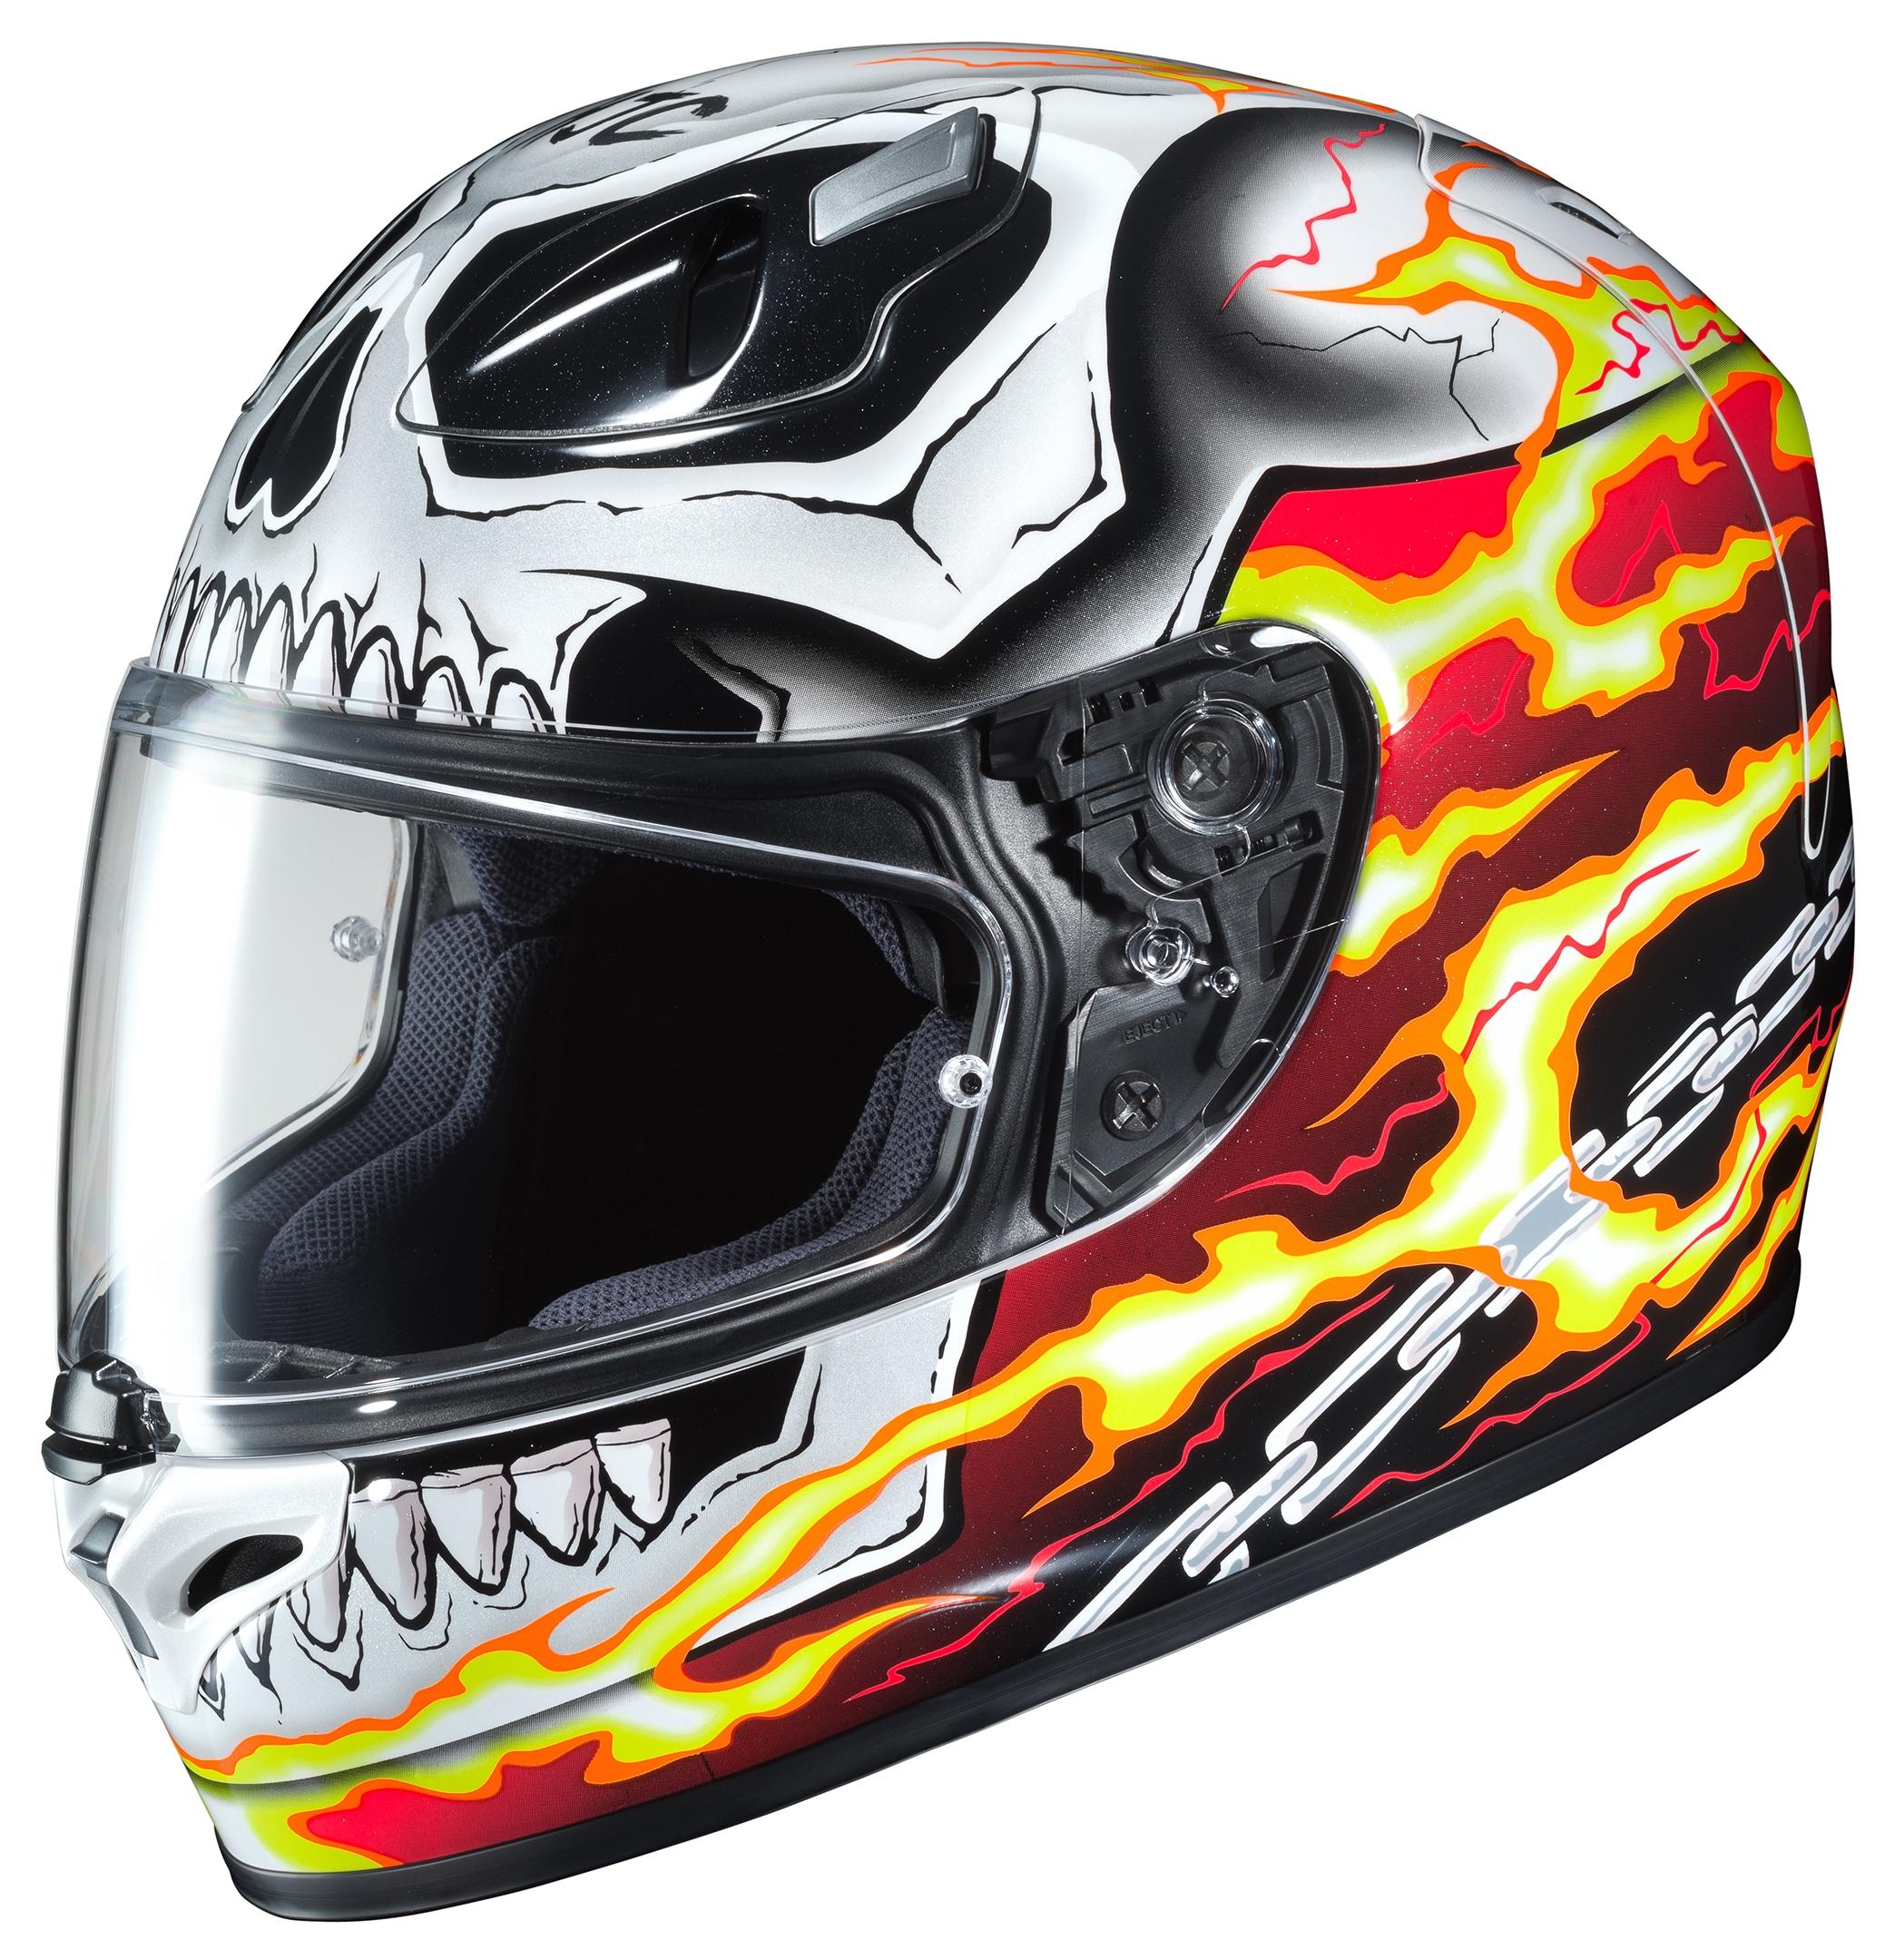 Hjc Fg 17 >> Hjc Fg 17 Ghost Rider Helmet 20 63 00 Off Revzilla